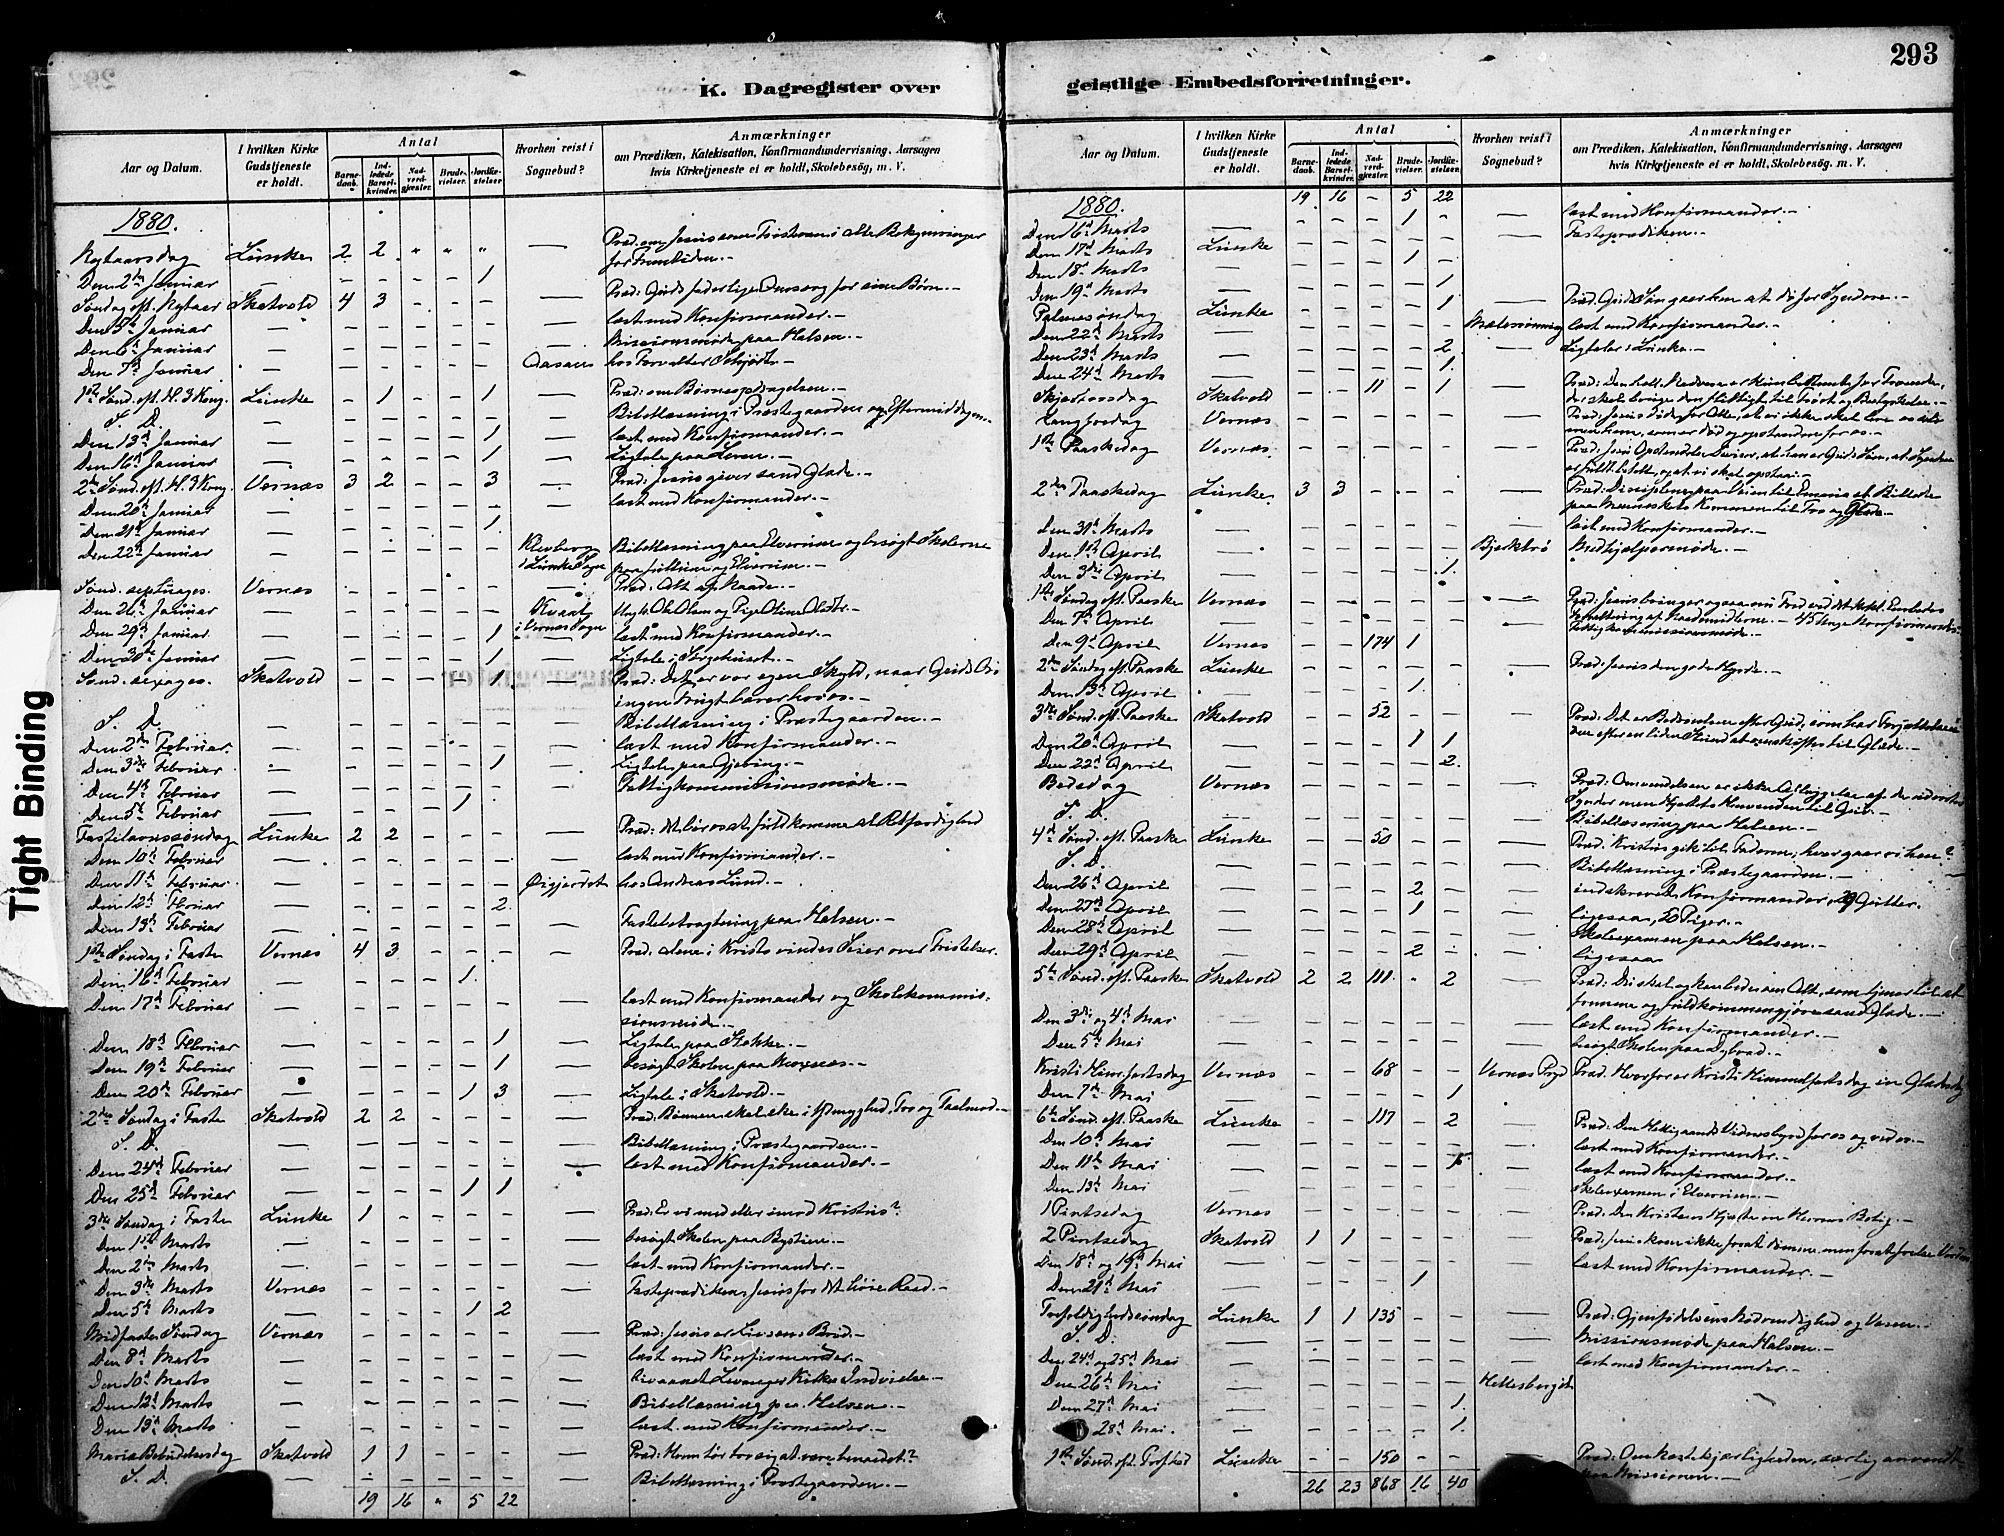 SAT, Ministerialprotokoller, klokkerbøker og fødselsregistre - Nord-Trøndelag, 709/L0077: Ministerialbok nr. 709A17, 1880-1895, s. 293